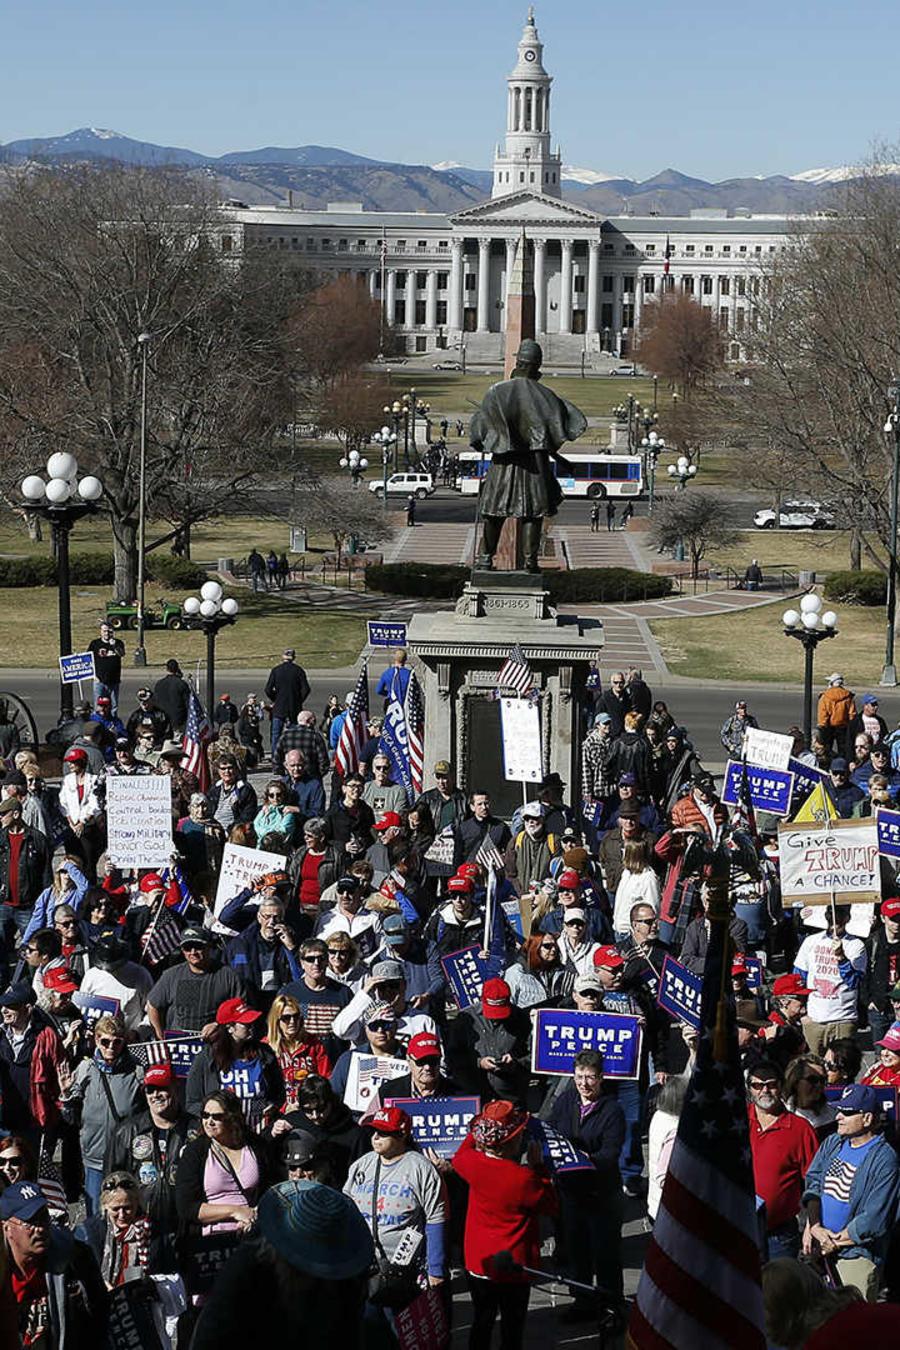 Tensión en Colorado cuando se cruzaron marchas a favor y contra Trump